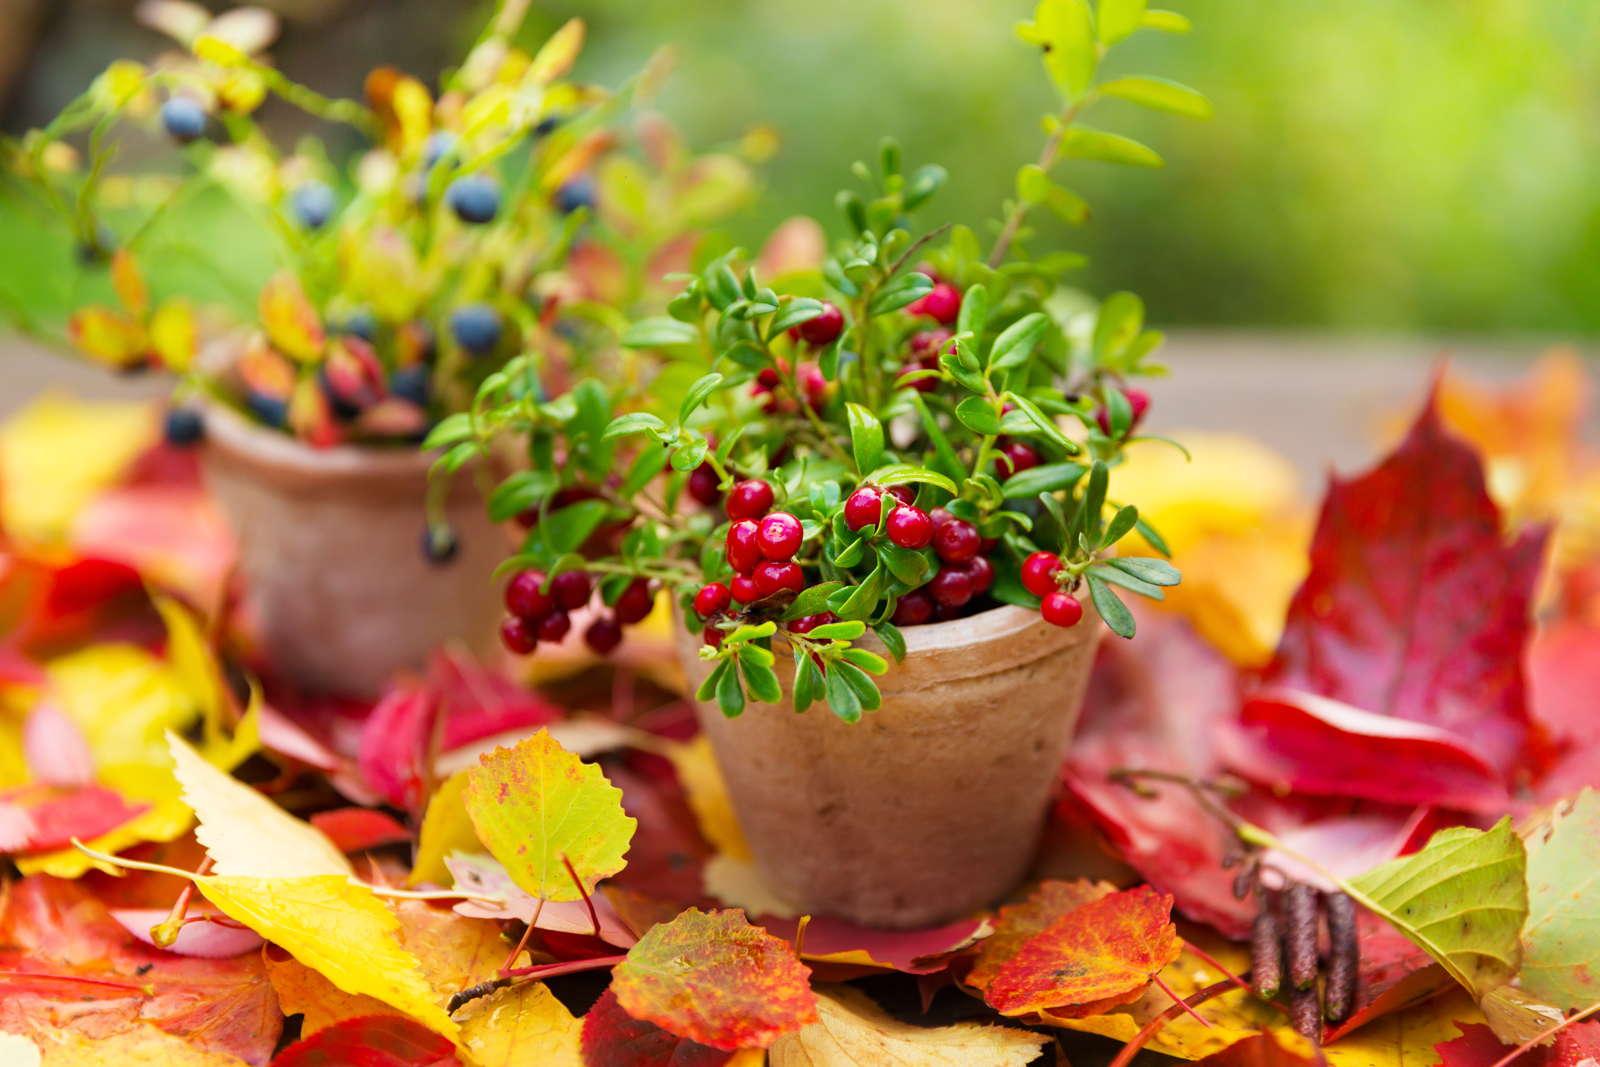 Cranberry Pflanzen: Alles Von Der Pflanzung Bis Zur Ernte